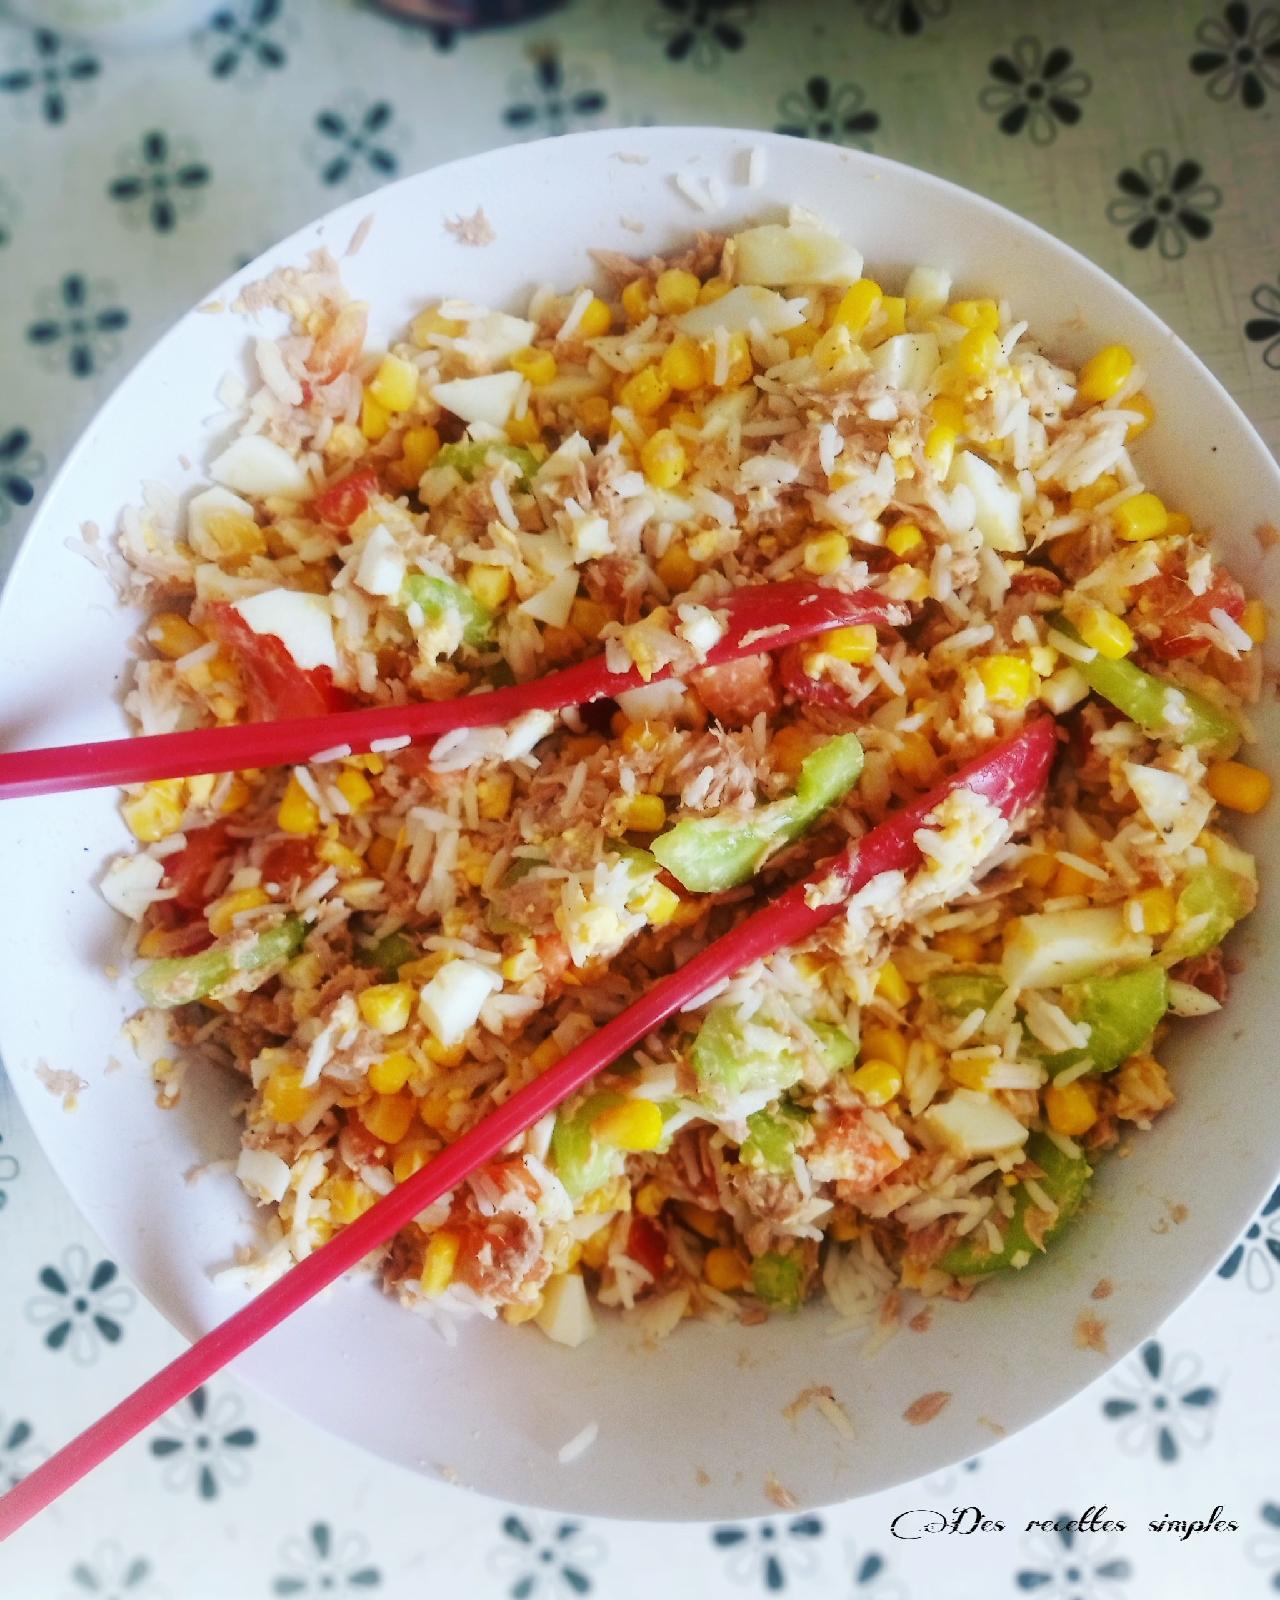 https://www.desrecettessimples-lacuisinedesandy.fr/2020/06/salade-de-riz-de-mamie.html